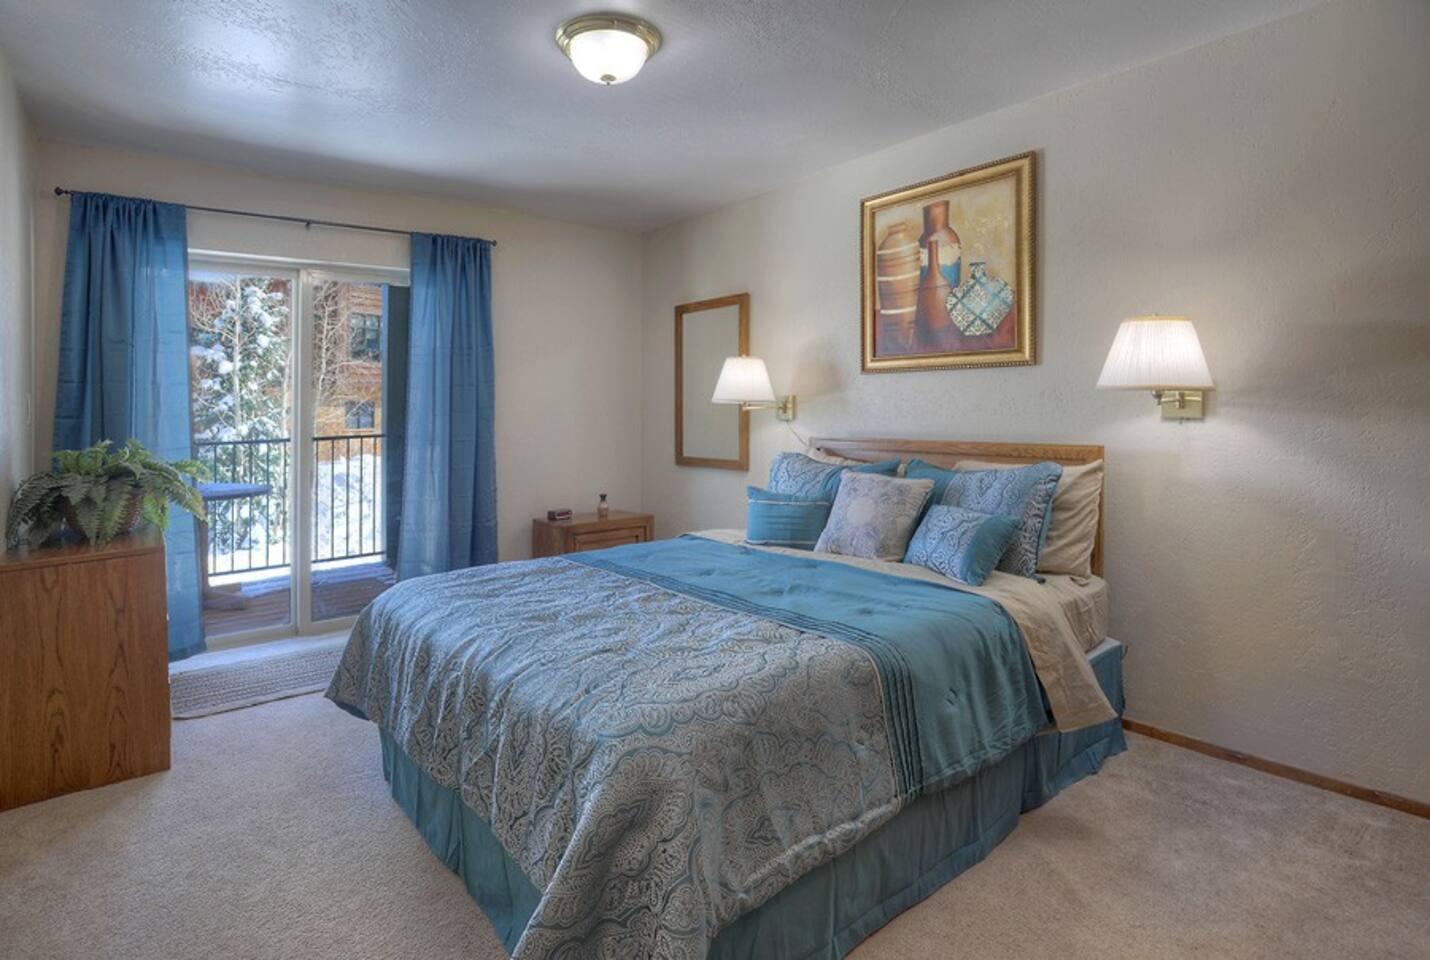 Durango Colorado vacation rental ski condo at Purgatory Resort master bedroom